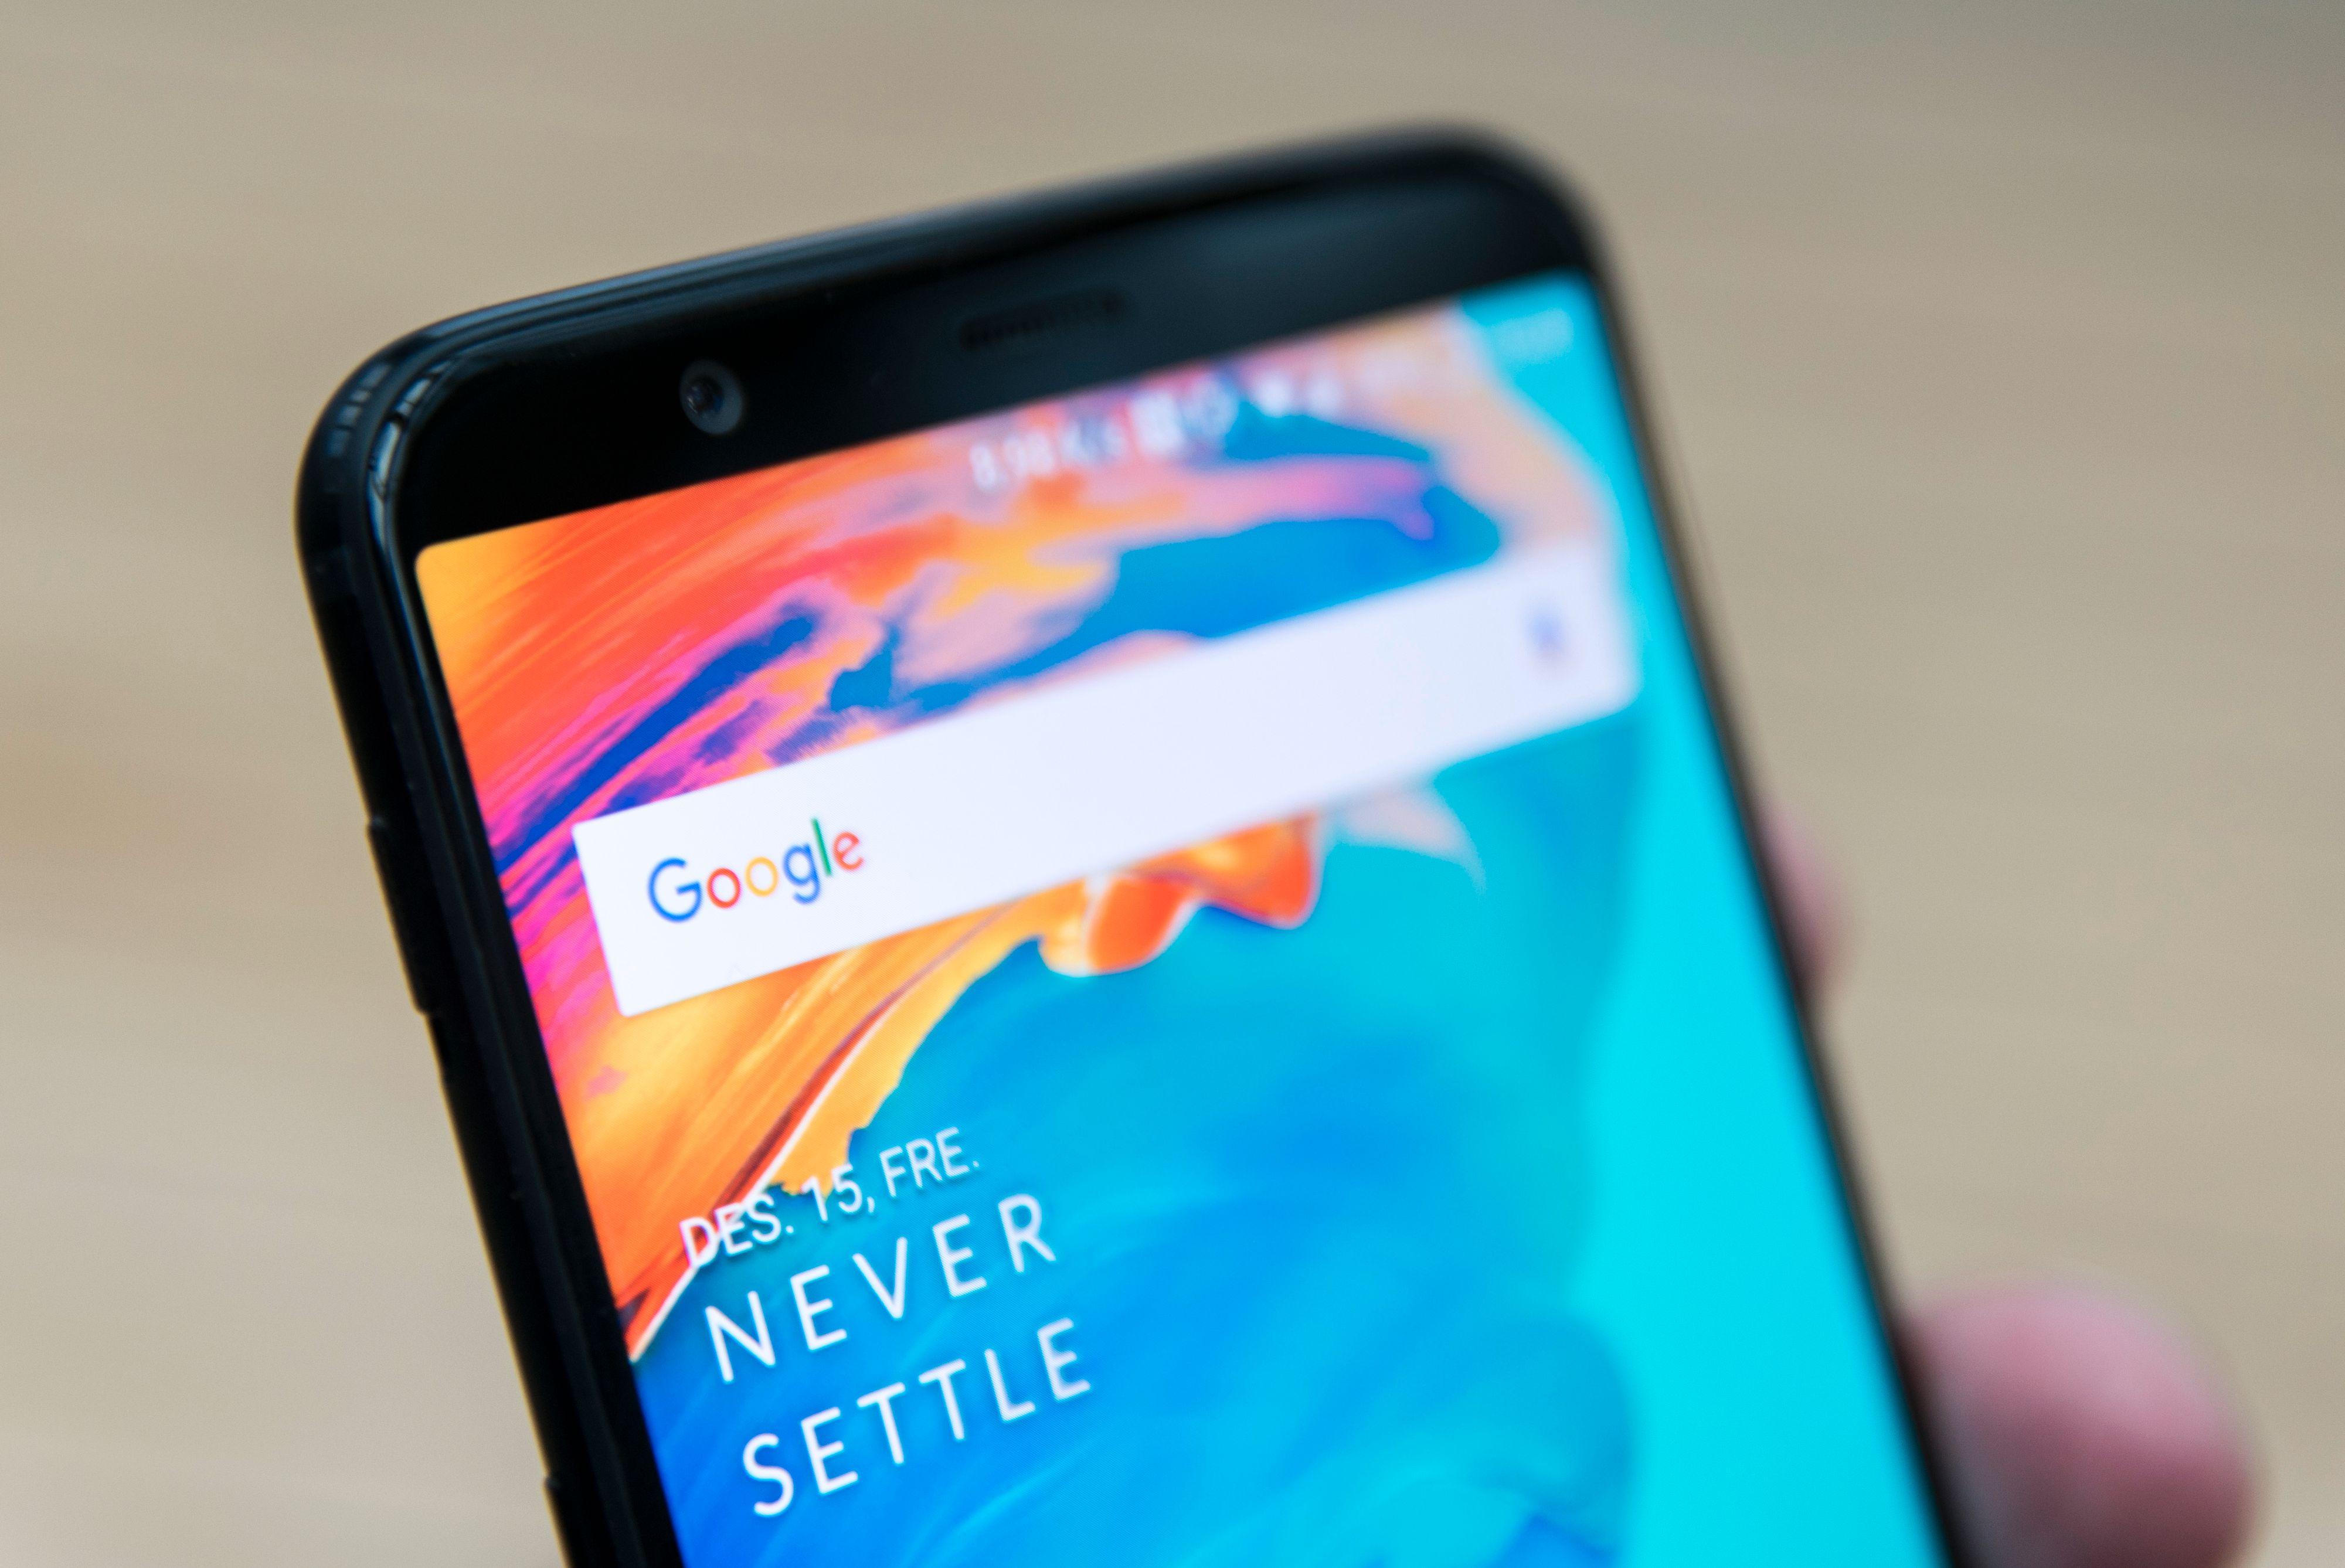 Det er ansiktsgjenkjenning på OnePlus 5T, men den krever dagslys for å virke, siden den bruker selfiekameraet over skjermen. Bilde: Finn Jarle Kvalheim, Tek.no